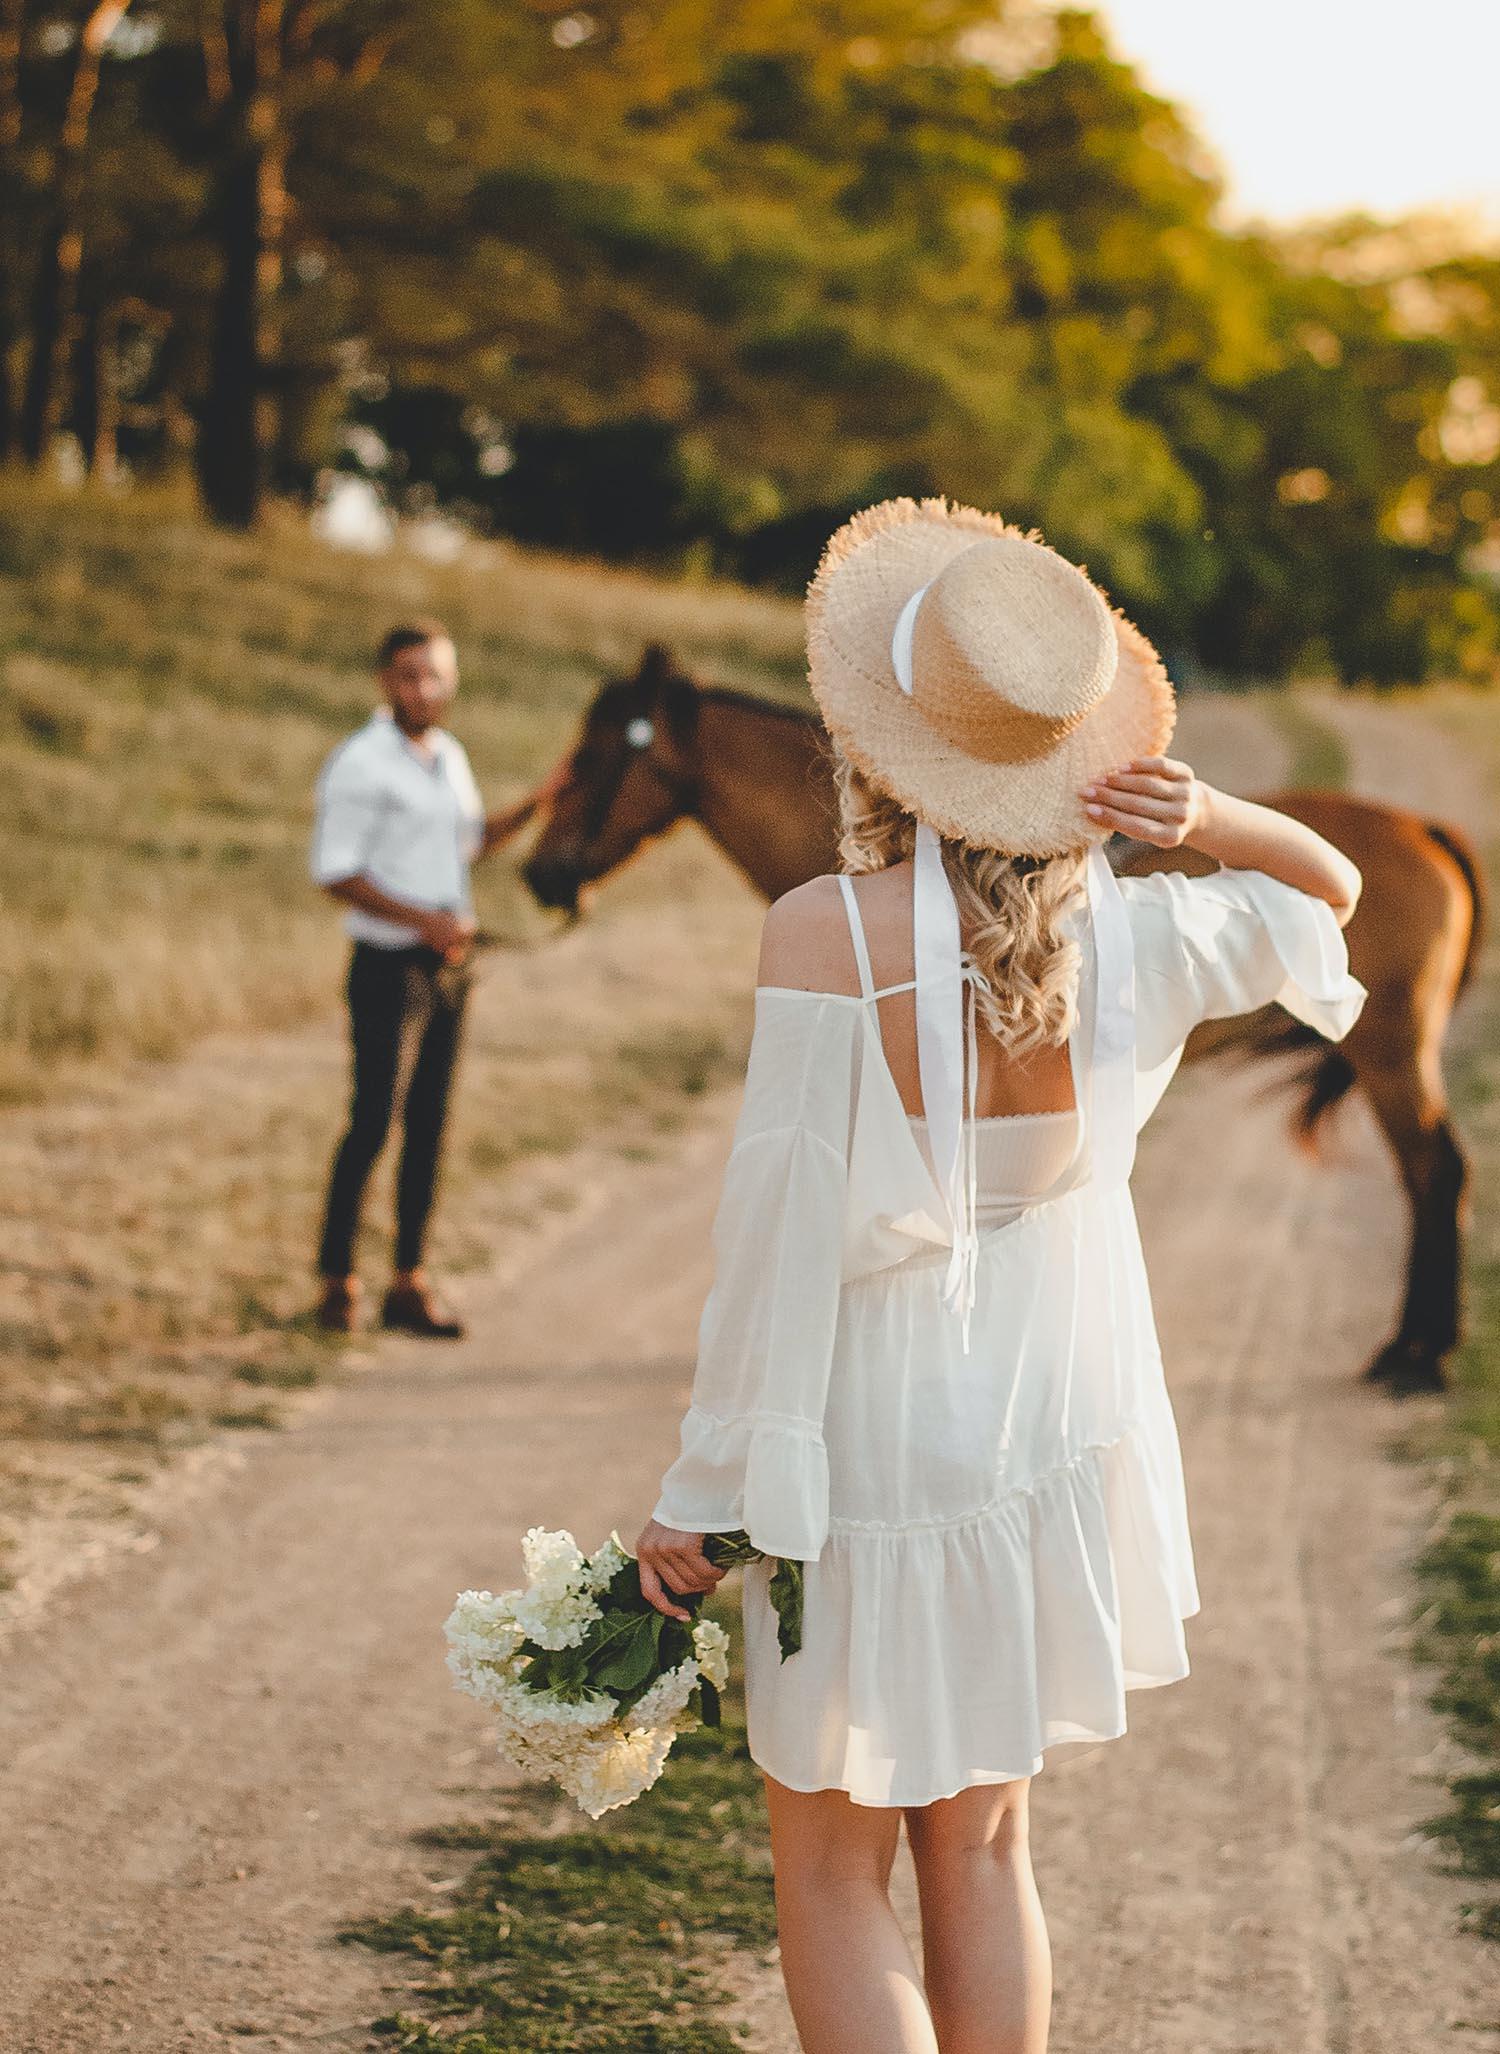 cung hoàng đạo và cô gái váy trắng cầm hoa